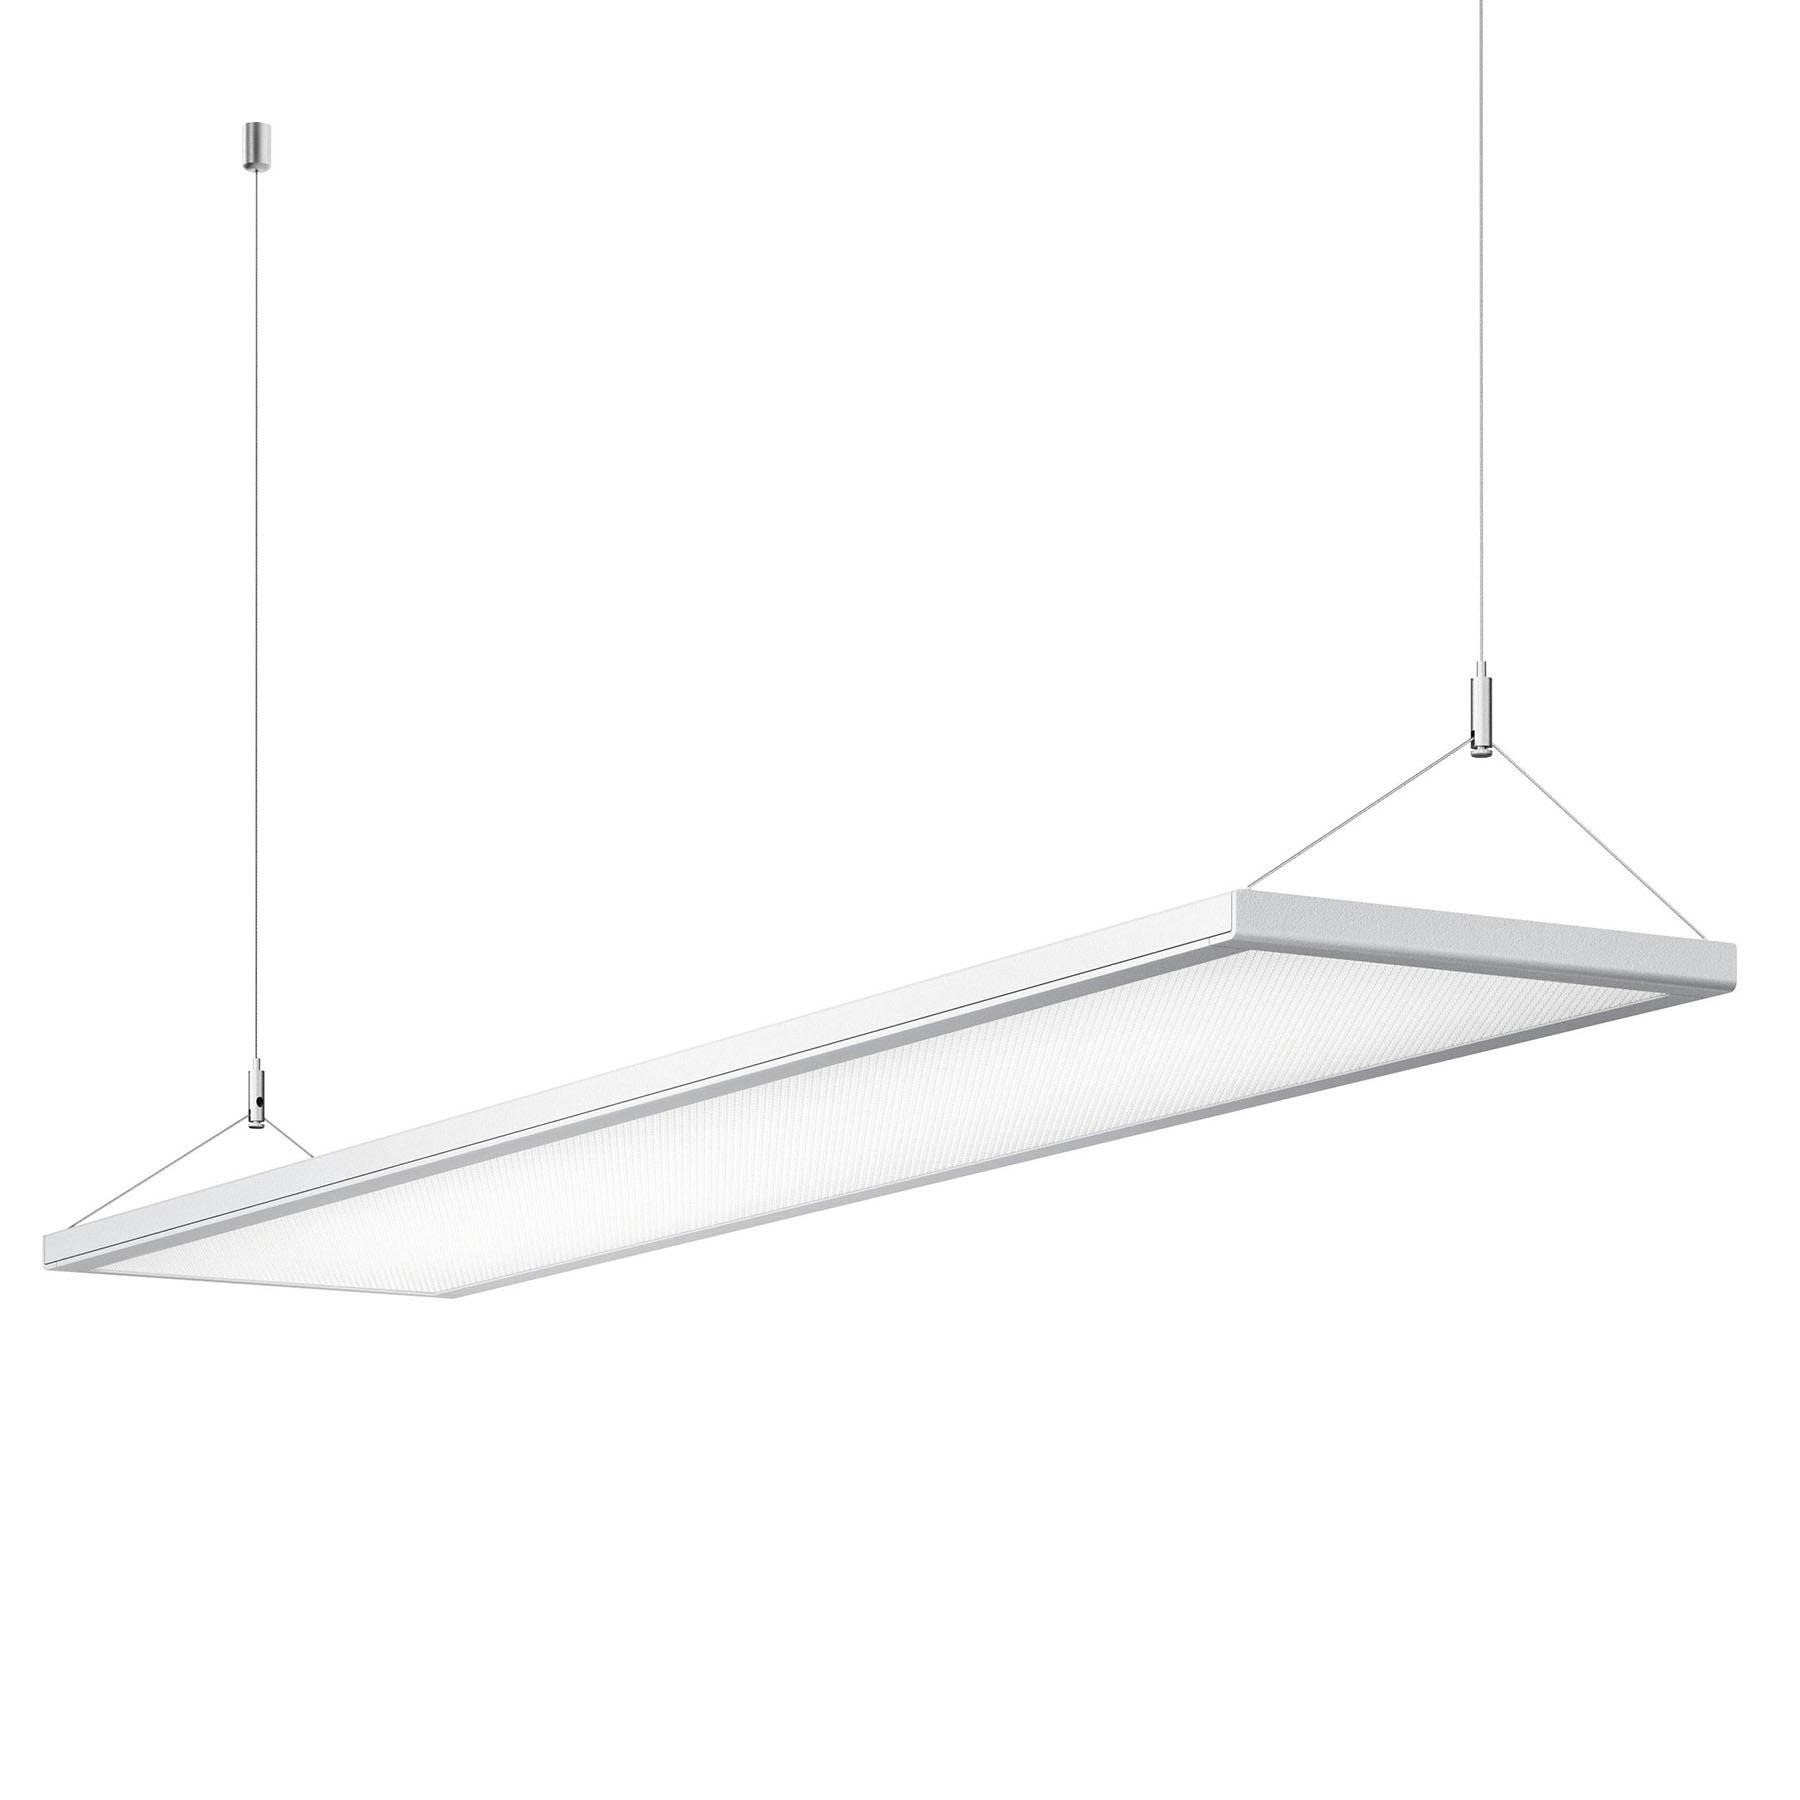 LED-Hängeleuchte IDOO VTL, DALI, 65W, CCT, weiß